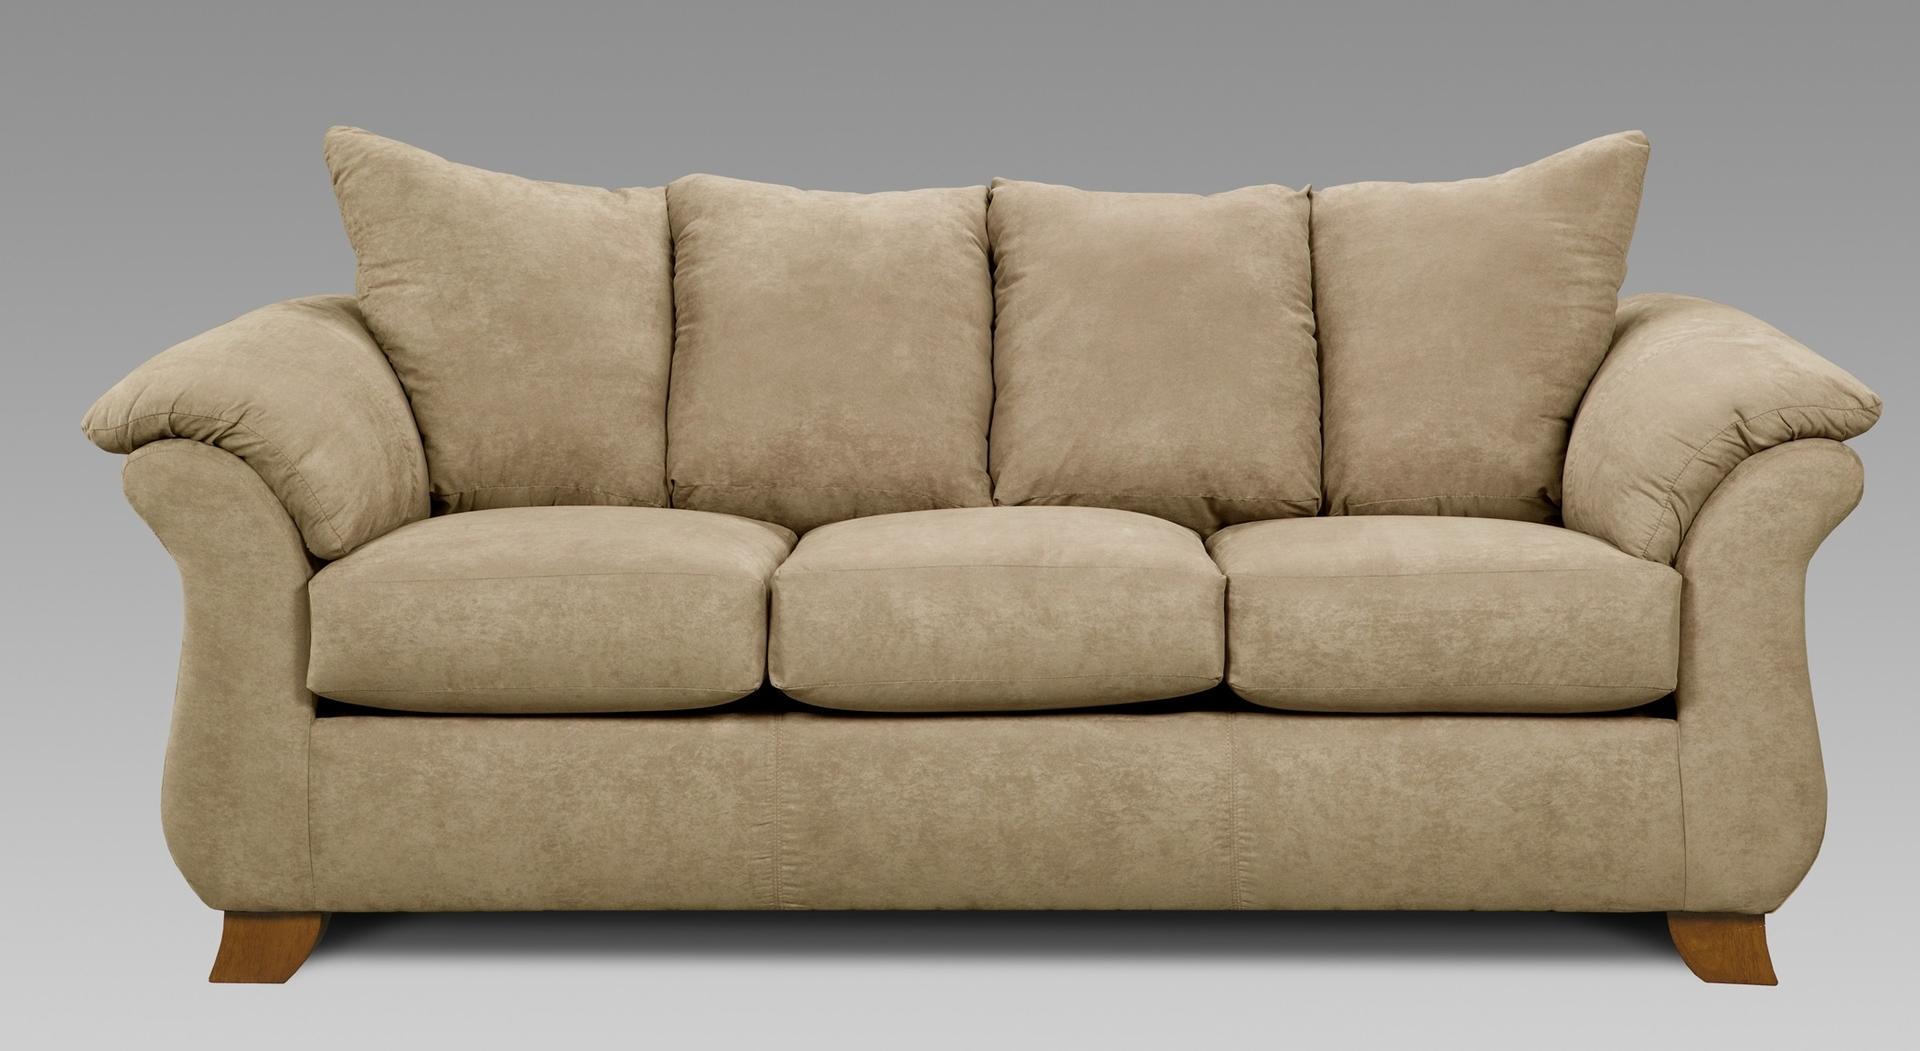 Sofas: Tuscaloosa, Al: Southeastern Furniture For Tuscaloosa Sectional Sofas (View 9 of 10)